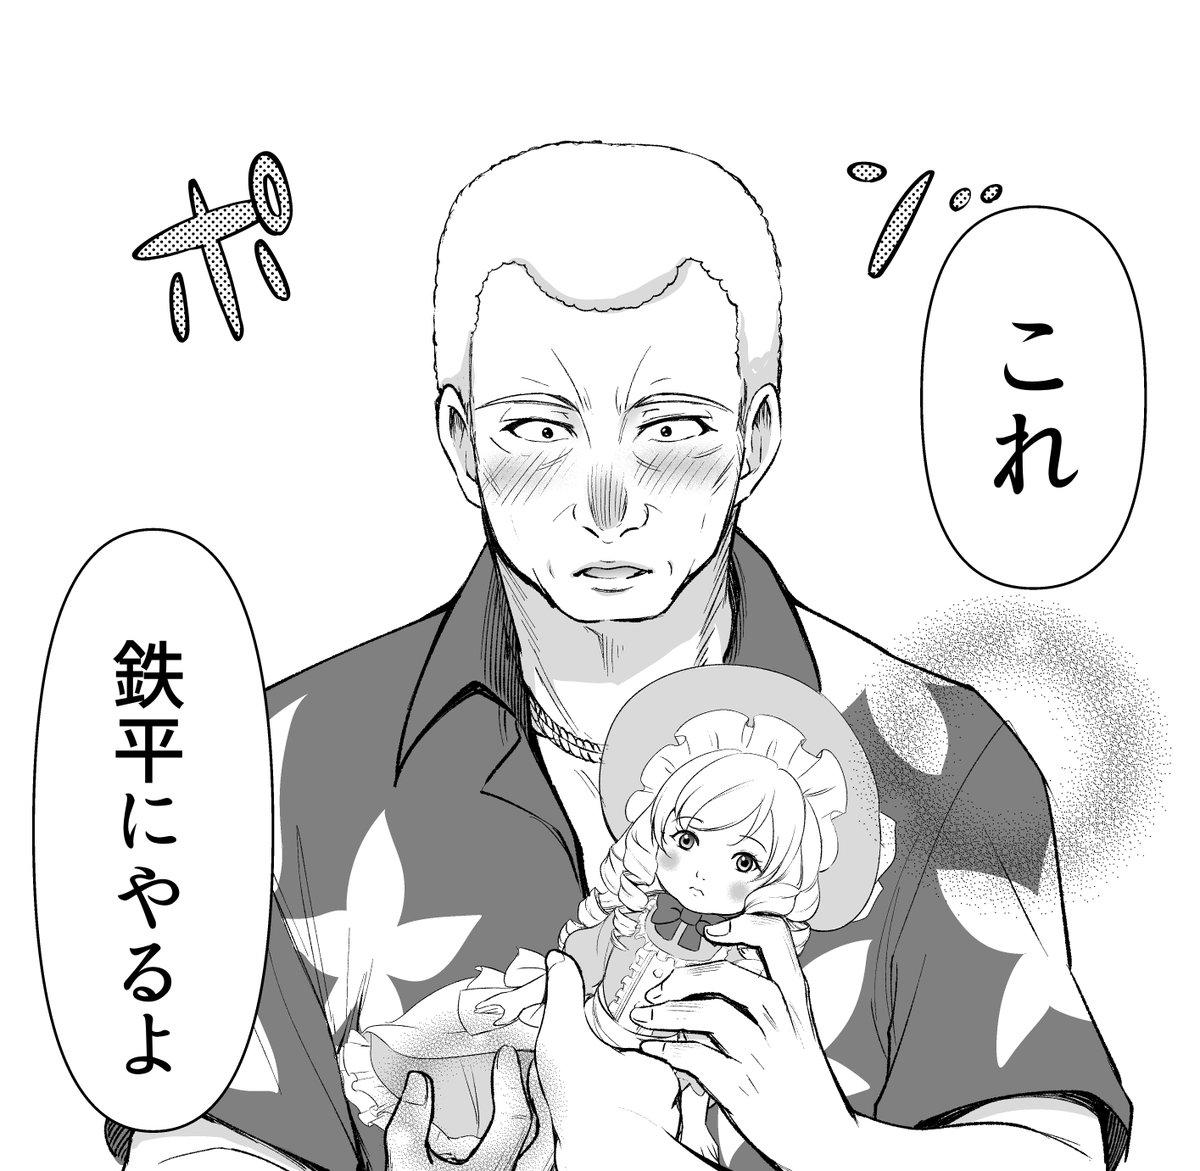 祟騙し編其の弐…あぁあぁぁ……沙都子ぉぉ😭これは完全に鉄平に人形を渡すルートに入りましたね……頼むぞ圭一#ひぐらし #ひぐらしのなく頃に業